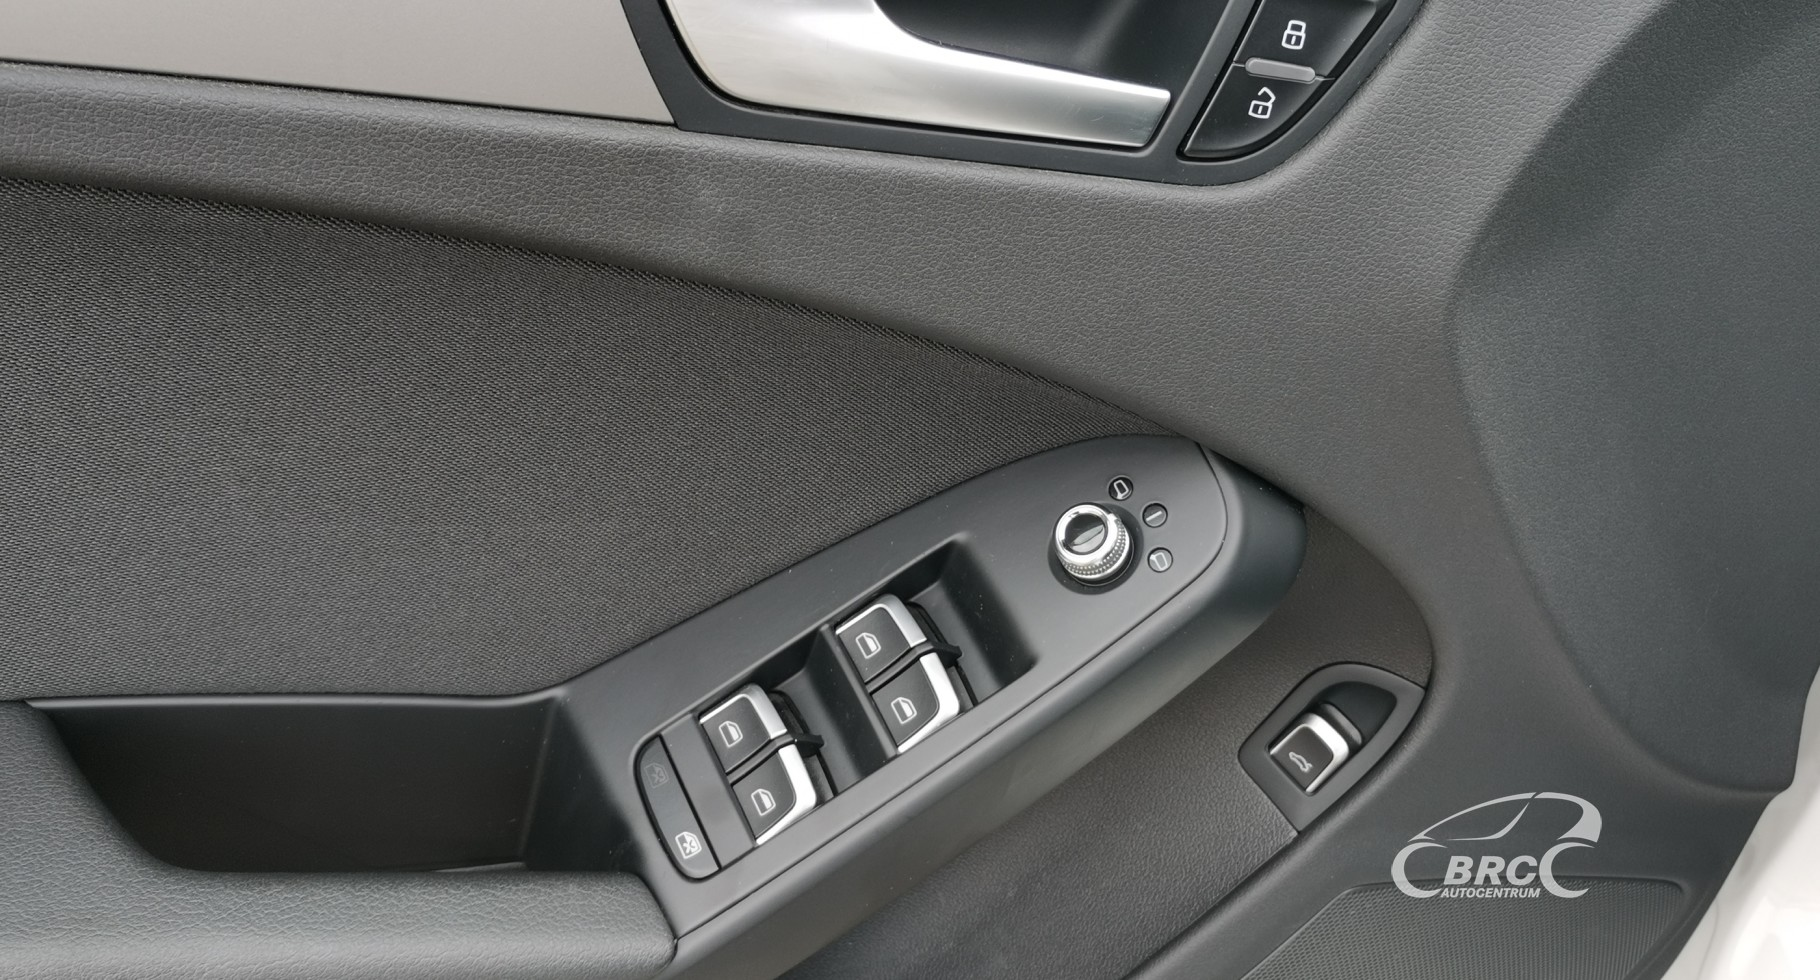 Audi A4 2.0 TDI Automatas